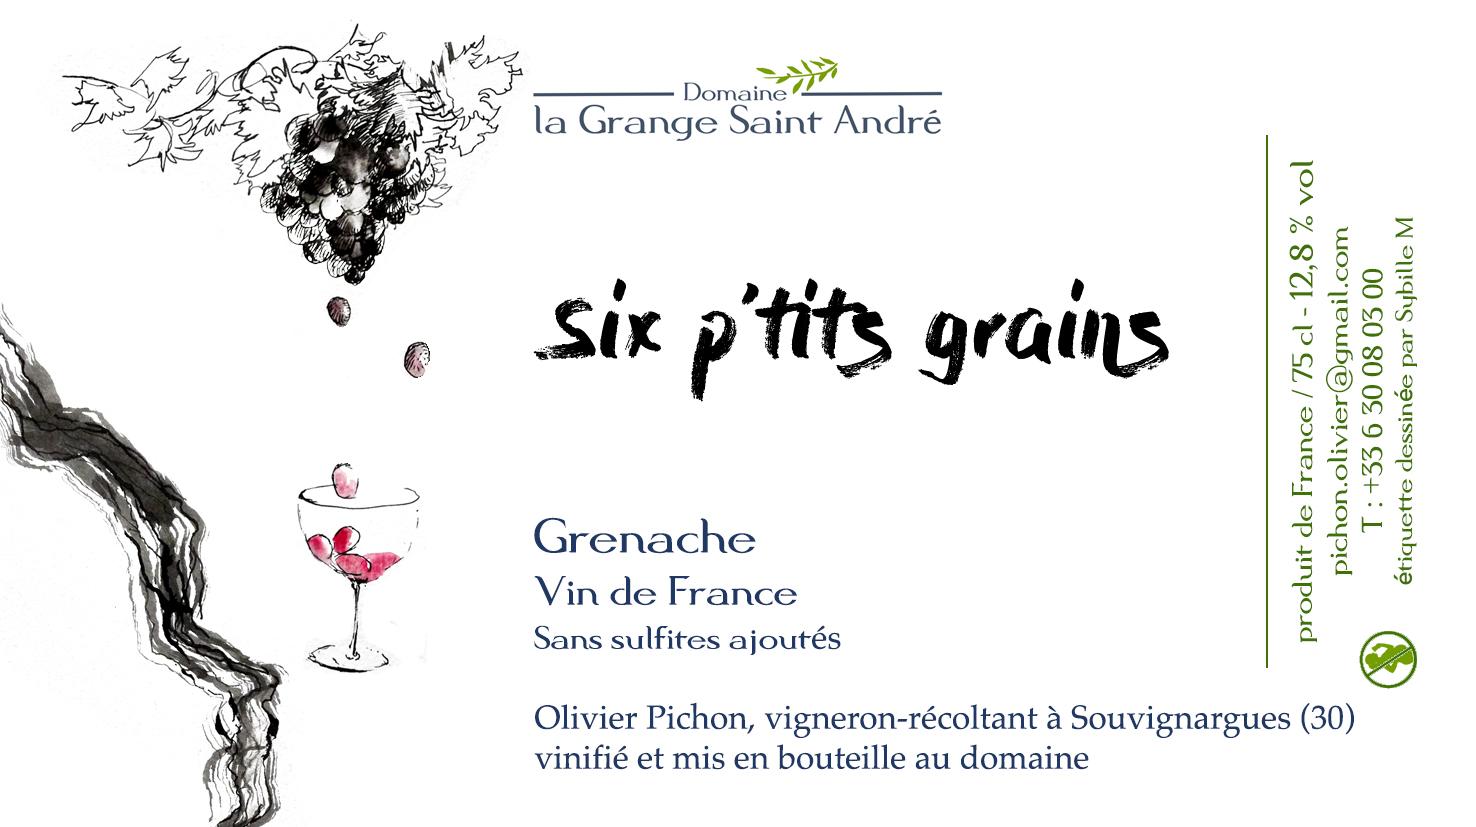 2018 Vdf Six Ptits Grains Wines Under The Bonnet